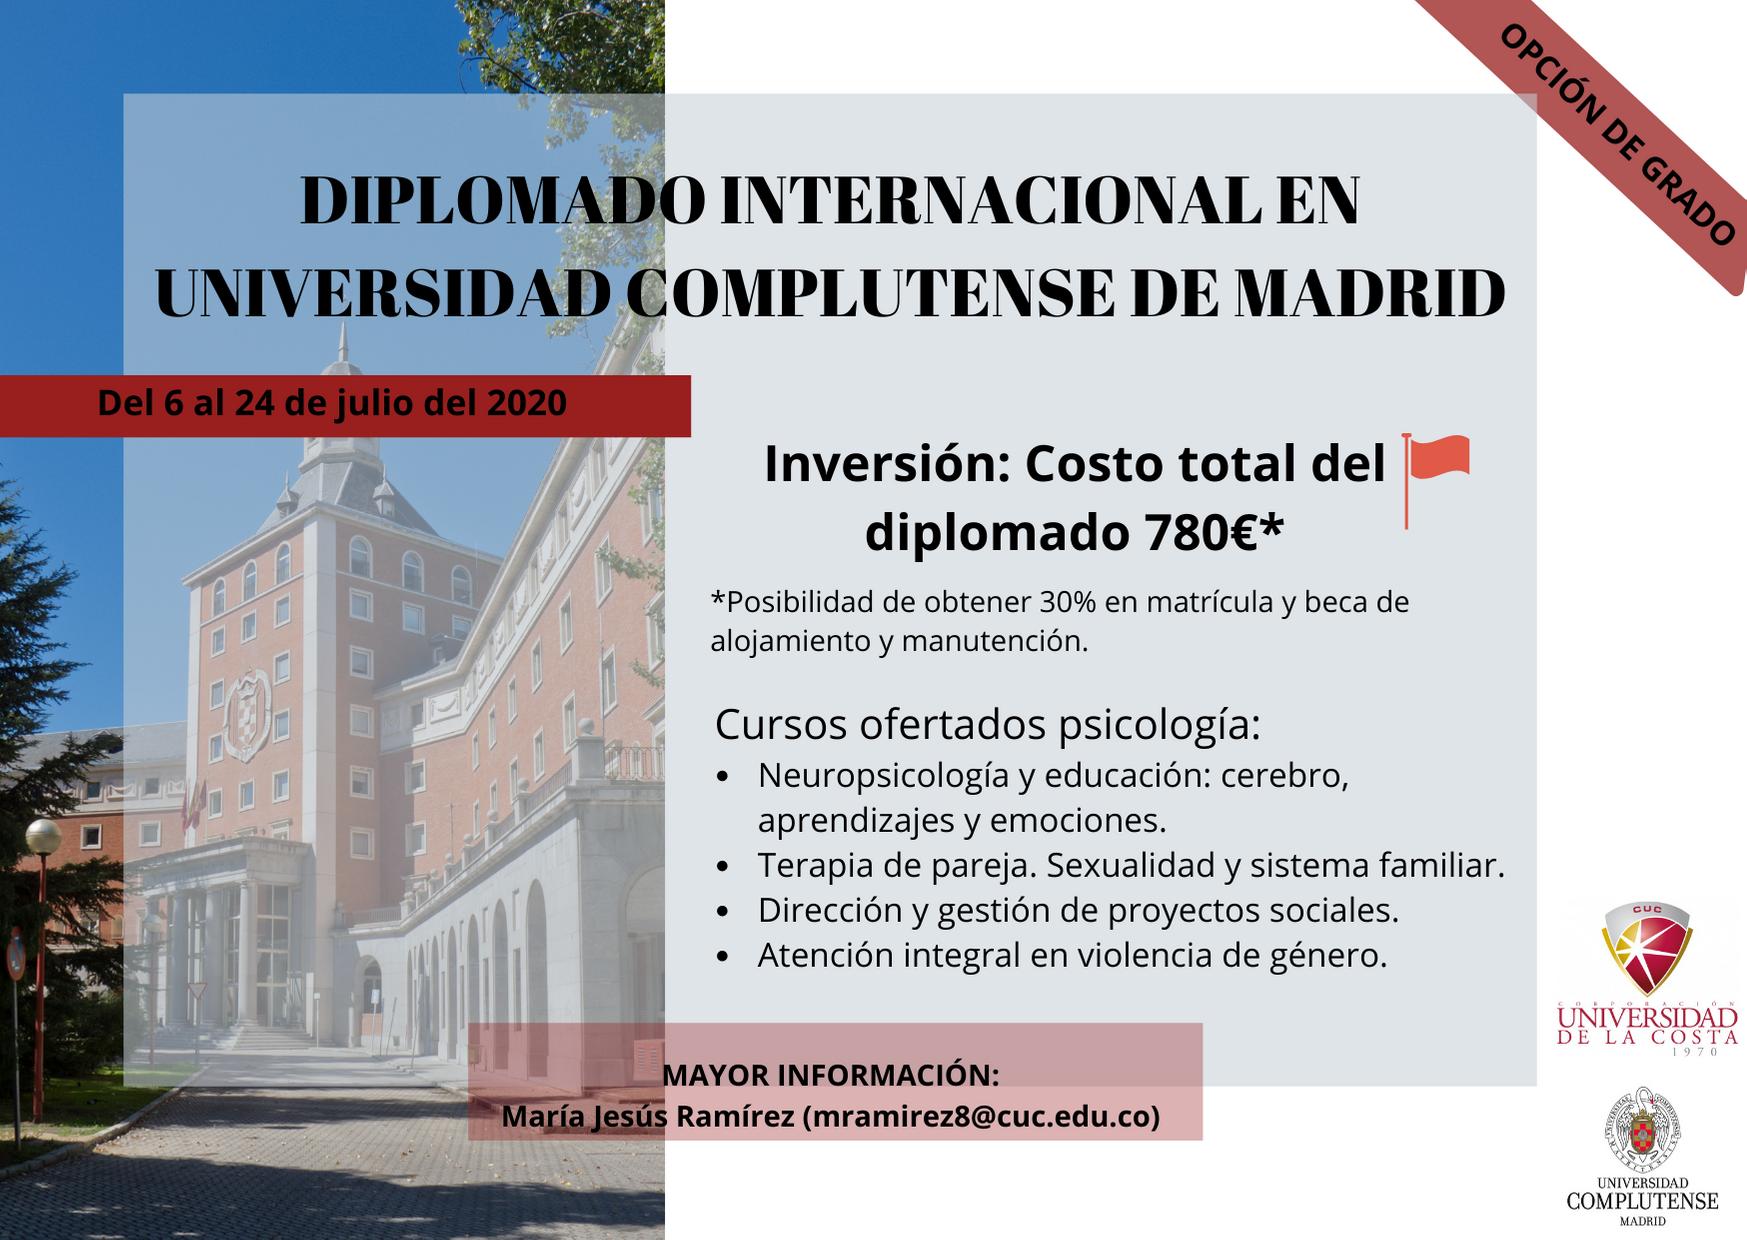 Diplomado Internacional en Universidad Complutense de Madrid